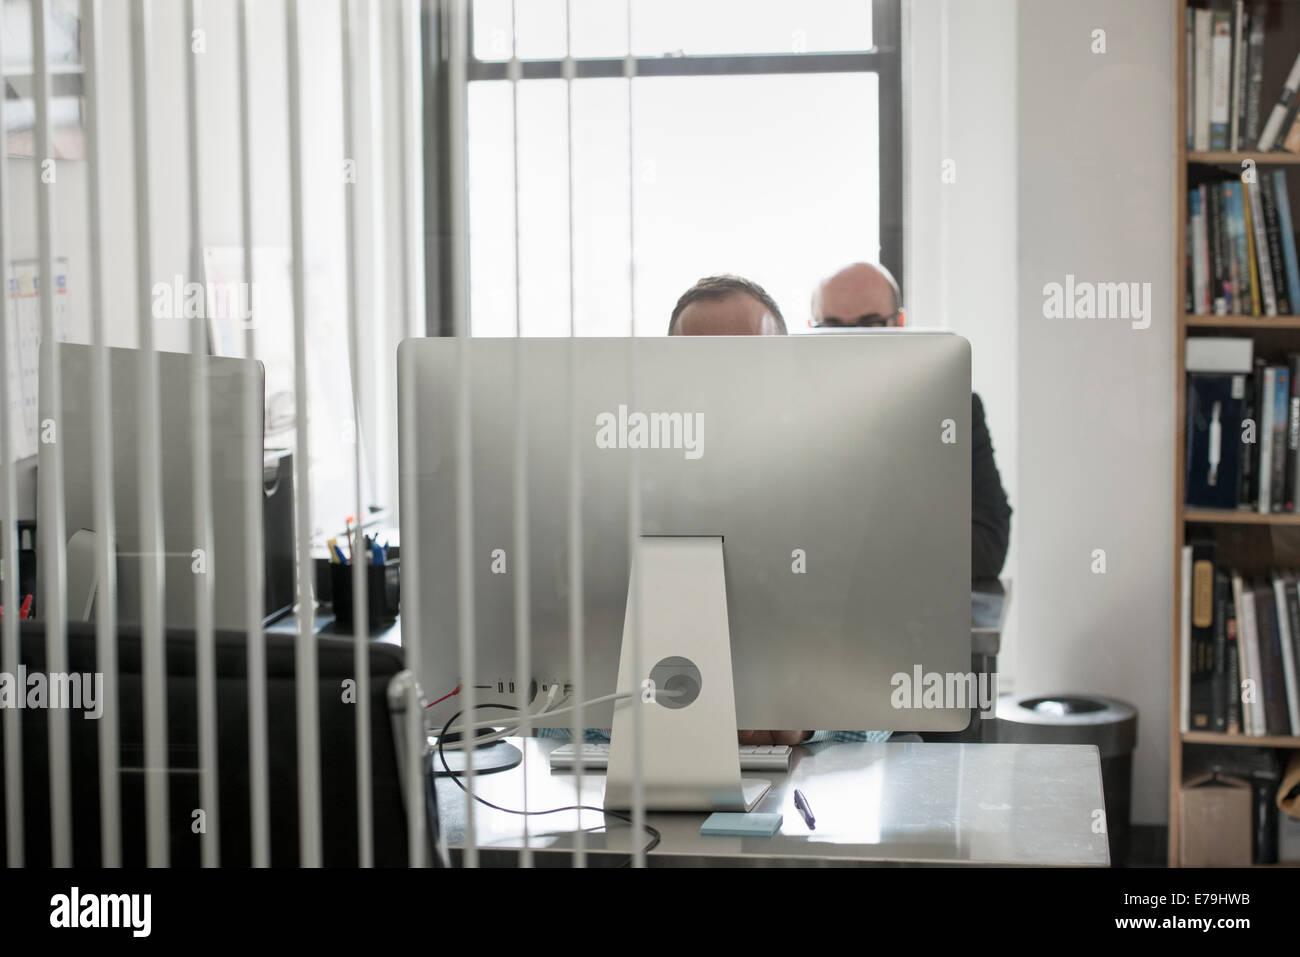 Büroalltag. Zwei Menschen sitzen an einem Schreibtisch hinter einem Computer-terminal. Stockbild